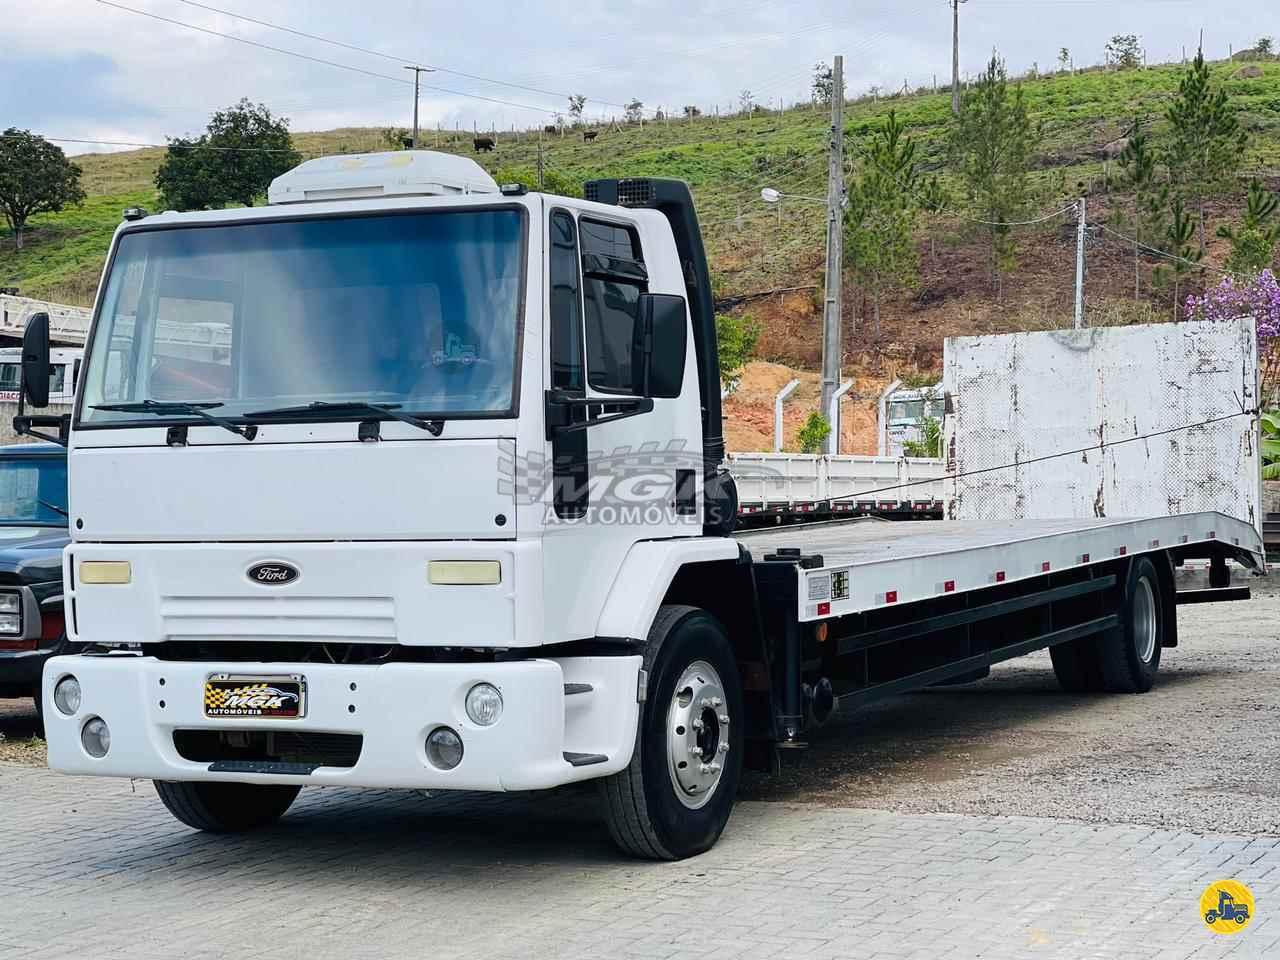 CAMINHAO FORD CARGO 1215 Plataforma Guincho Toco 4x2 MGK Automóveis IBIRAMA SANTA CATARINA SC